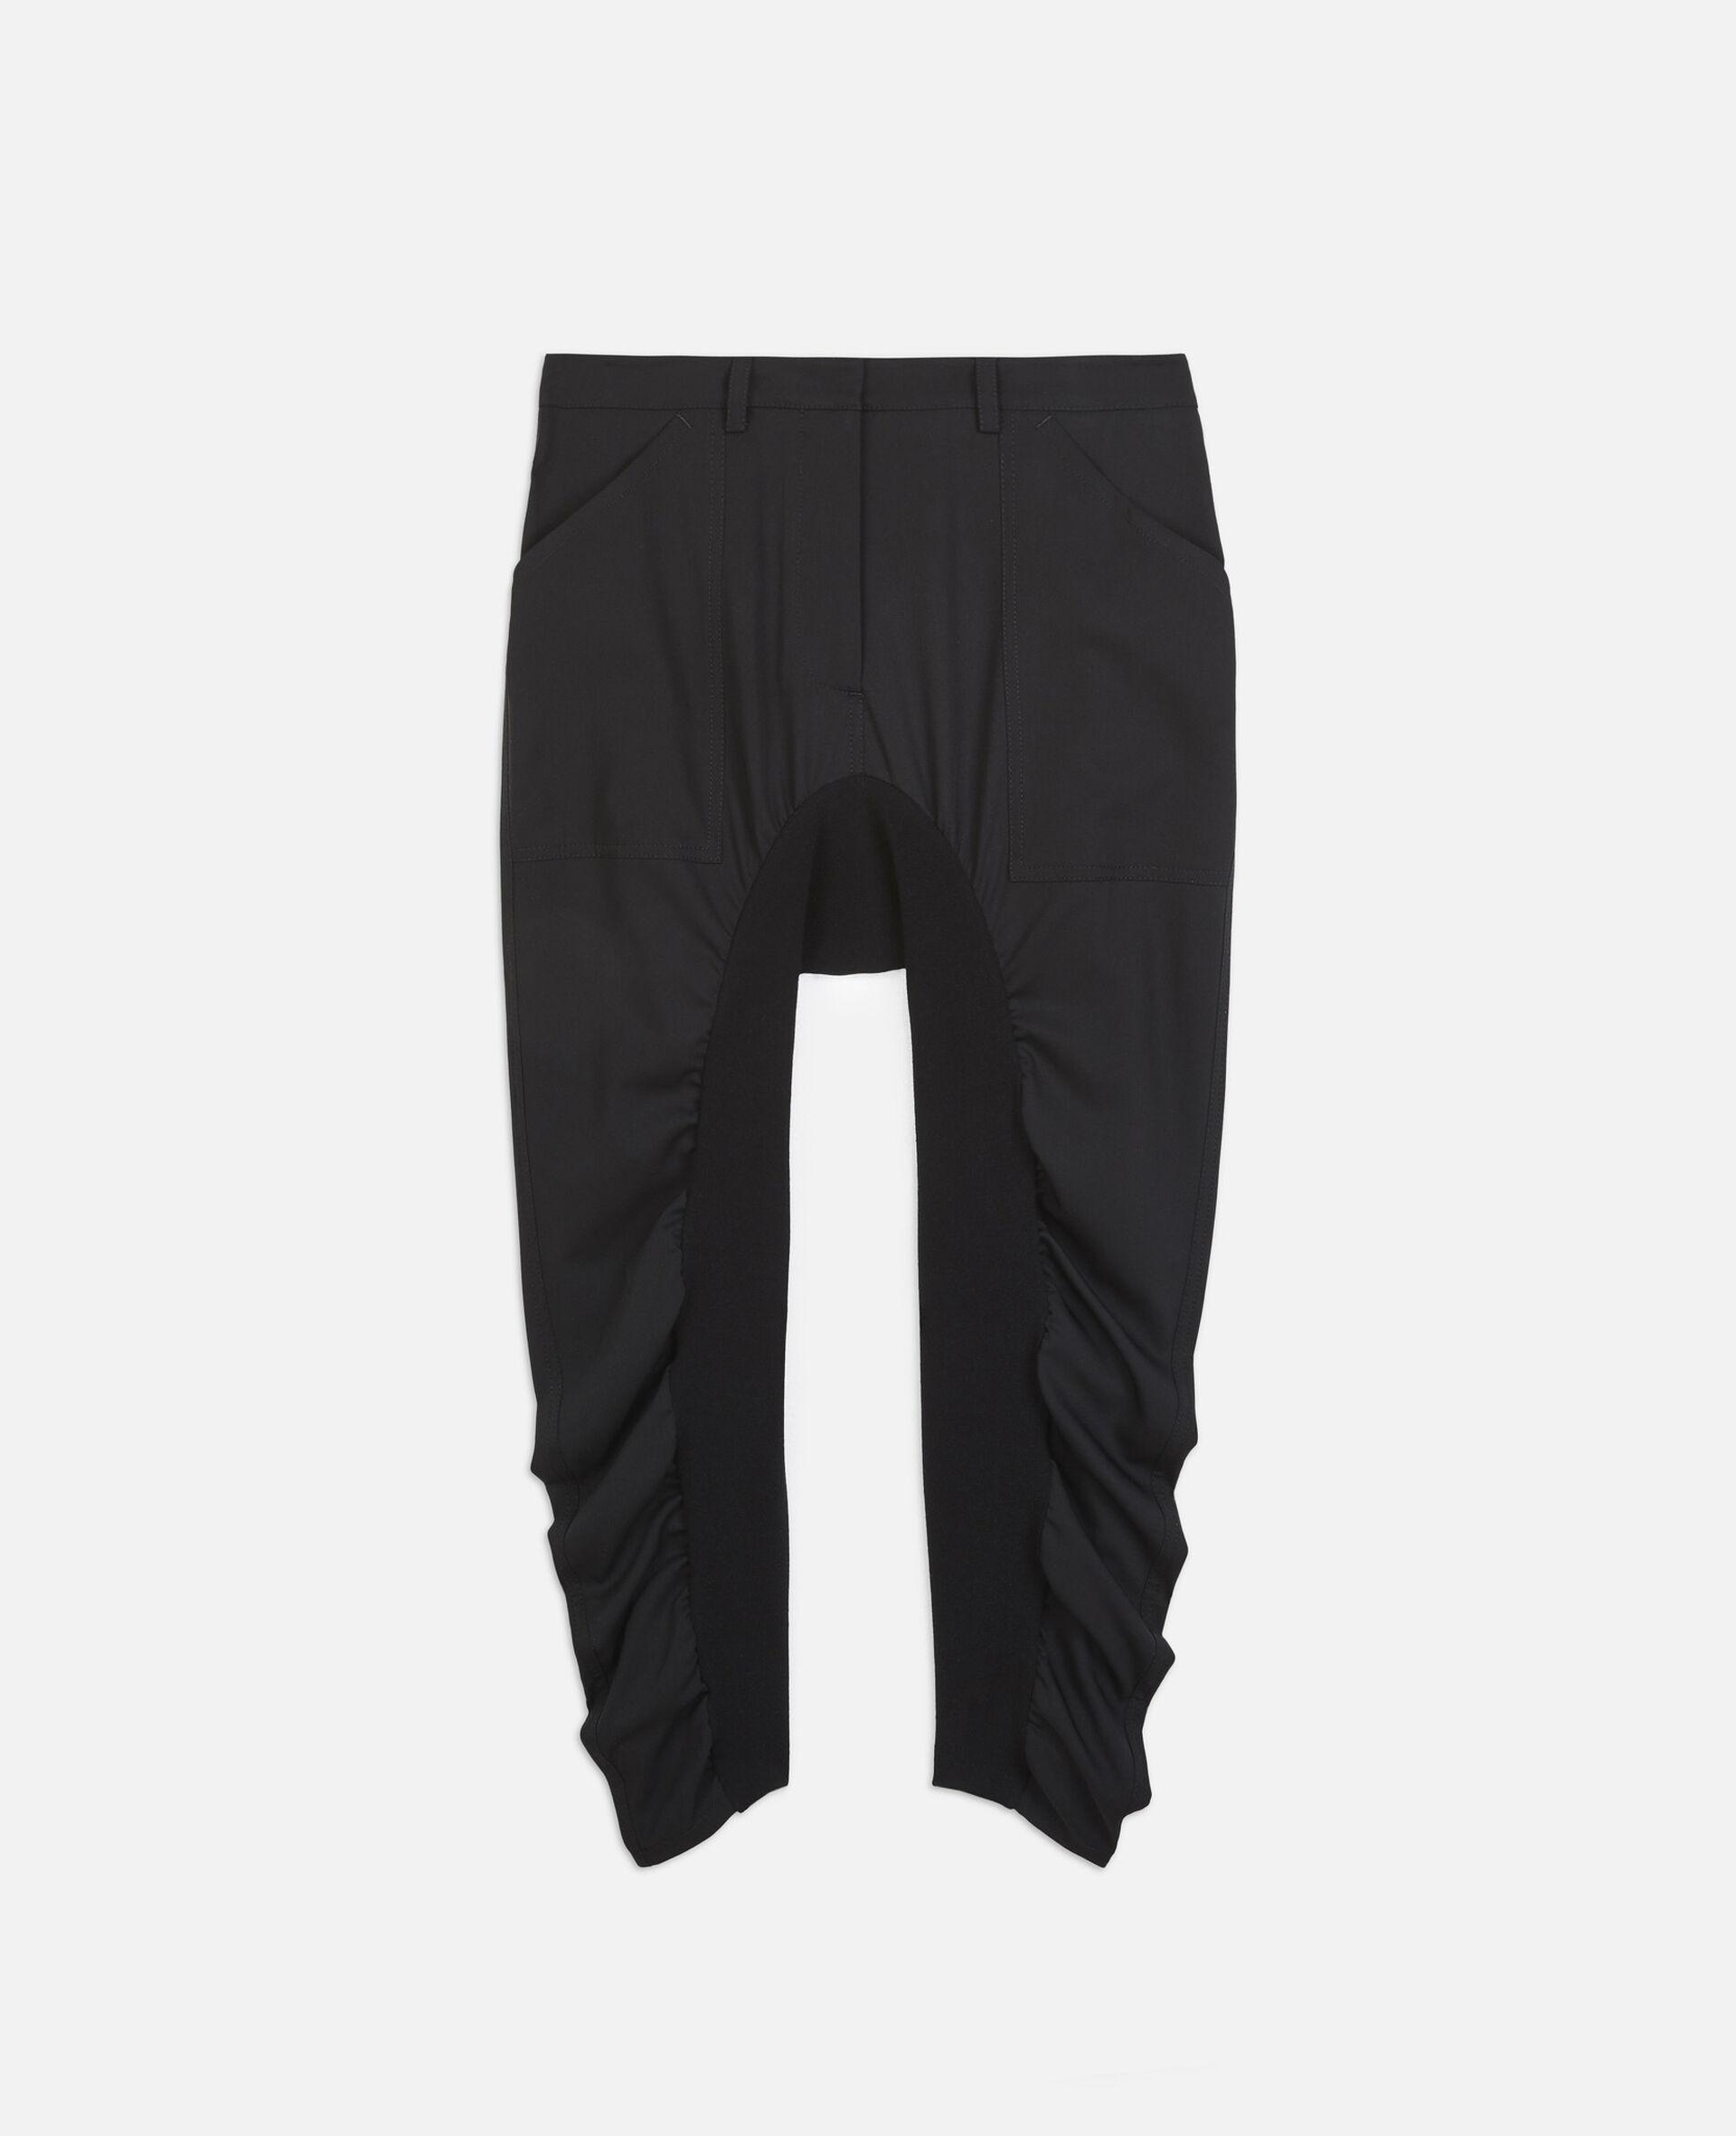 黑色 Tina 裤装-黑色-large image number 0